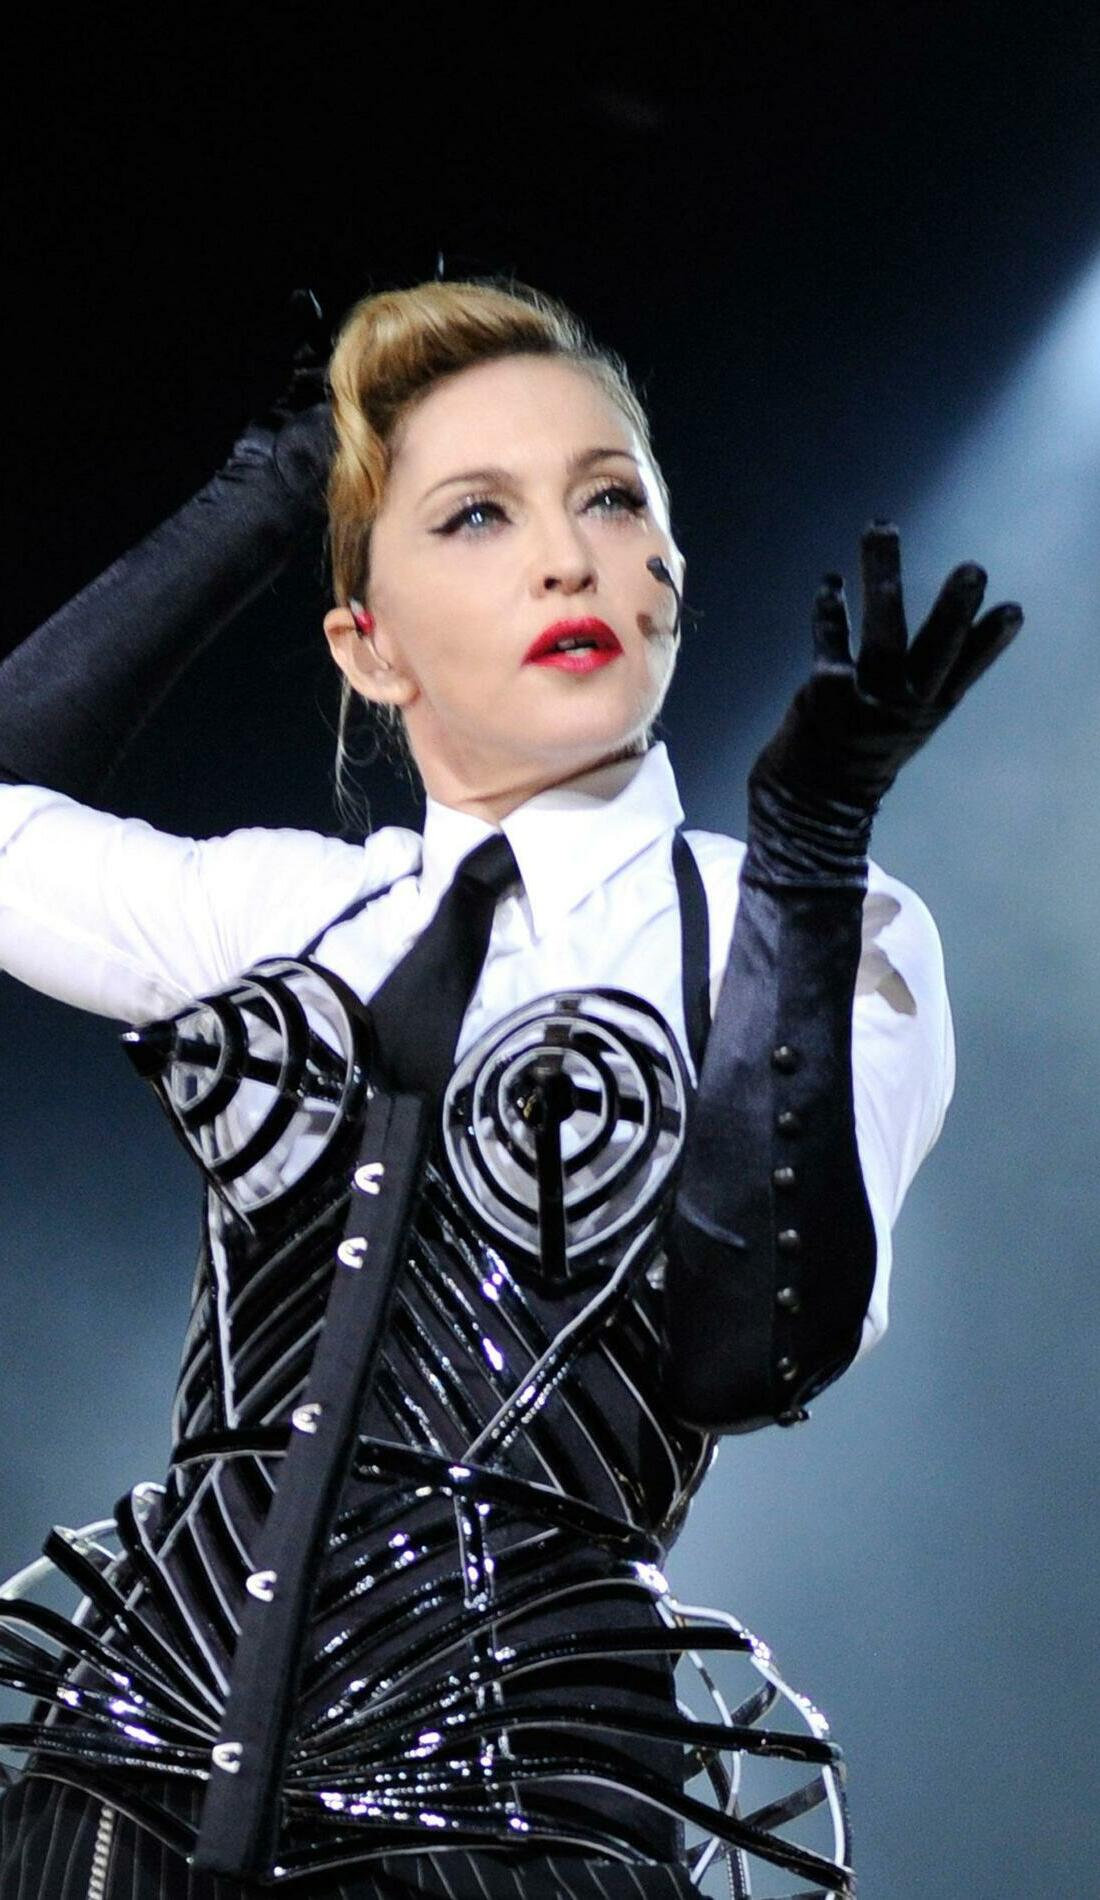 A Madonna live event